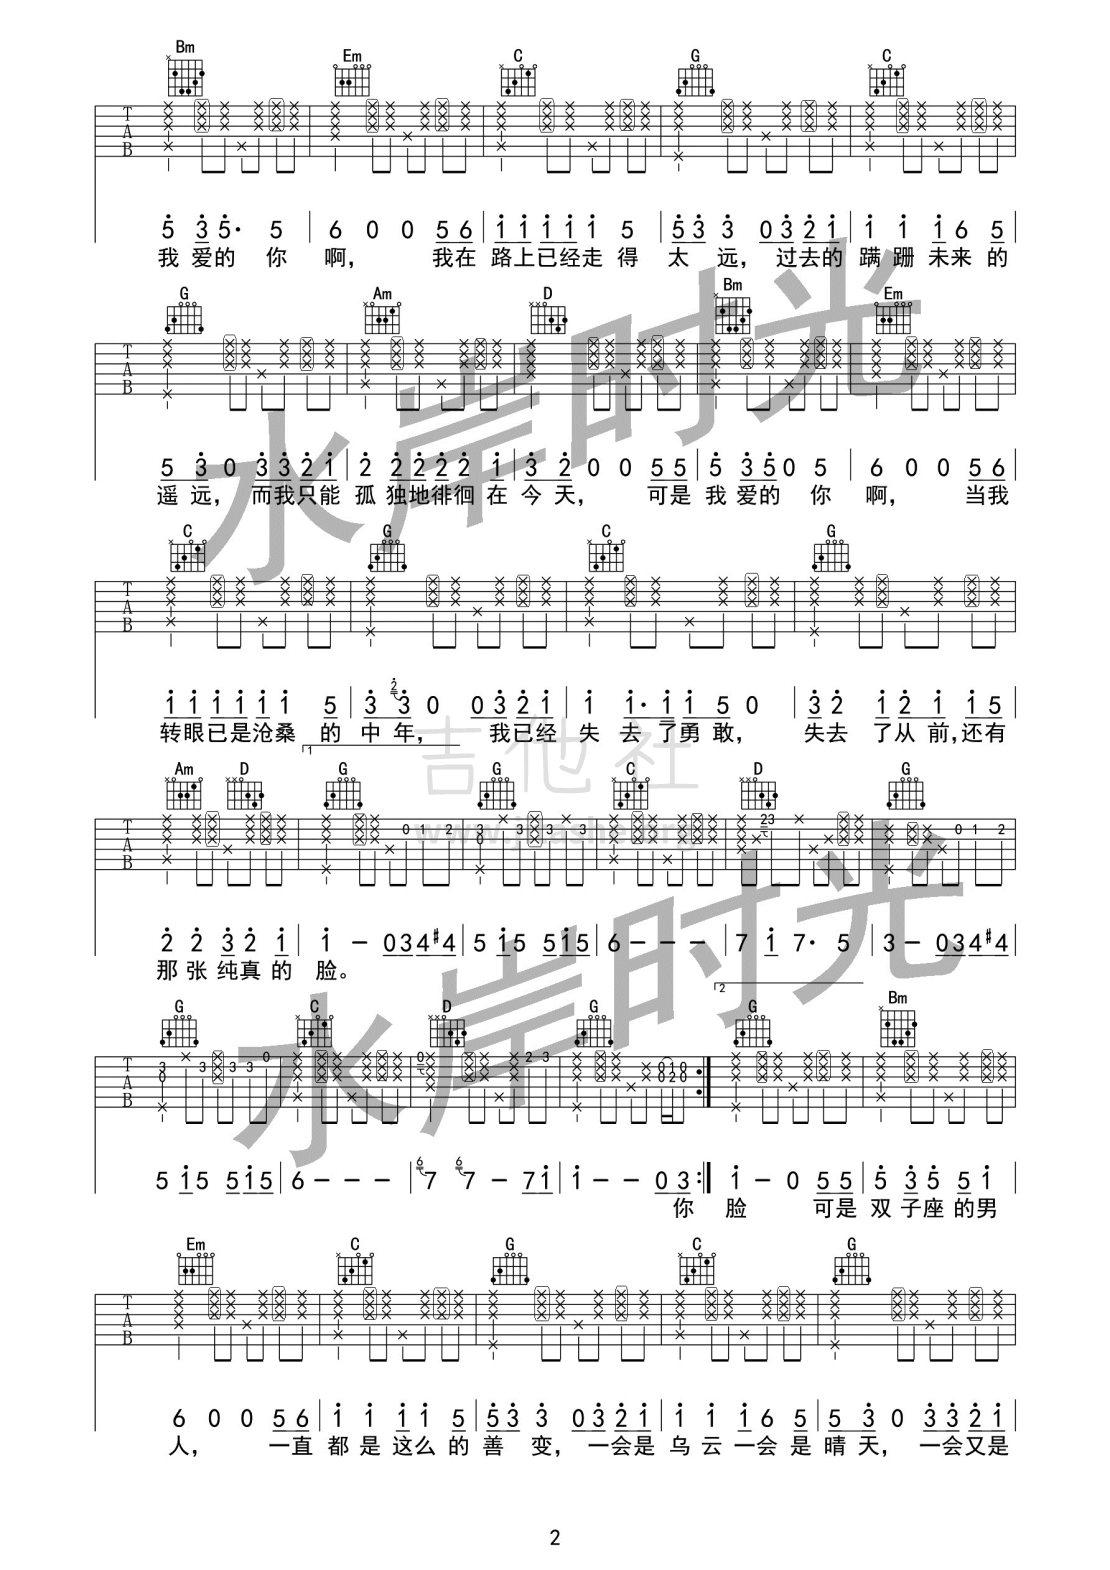 依稀少年吉他谱(图片谱,弹唱,木吉他,简单版)_水岸_依稀少年(弹唱版)02.jpg